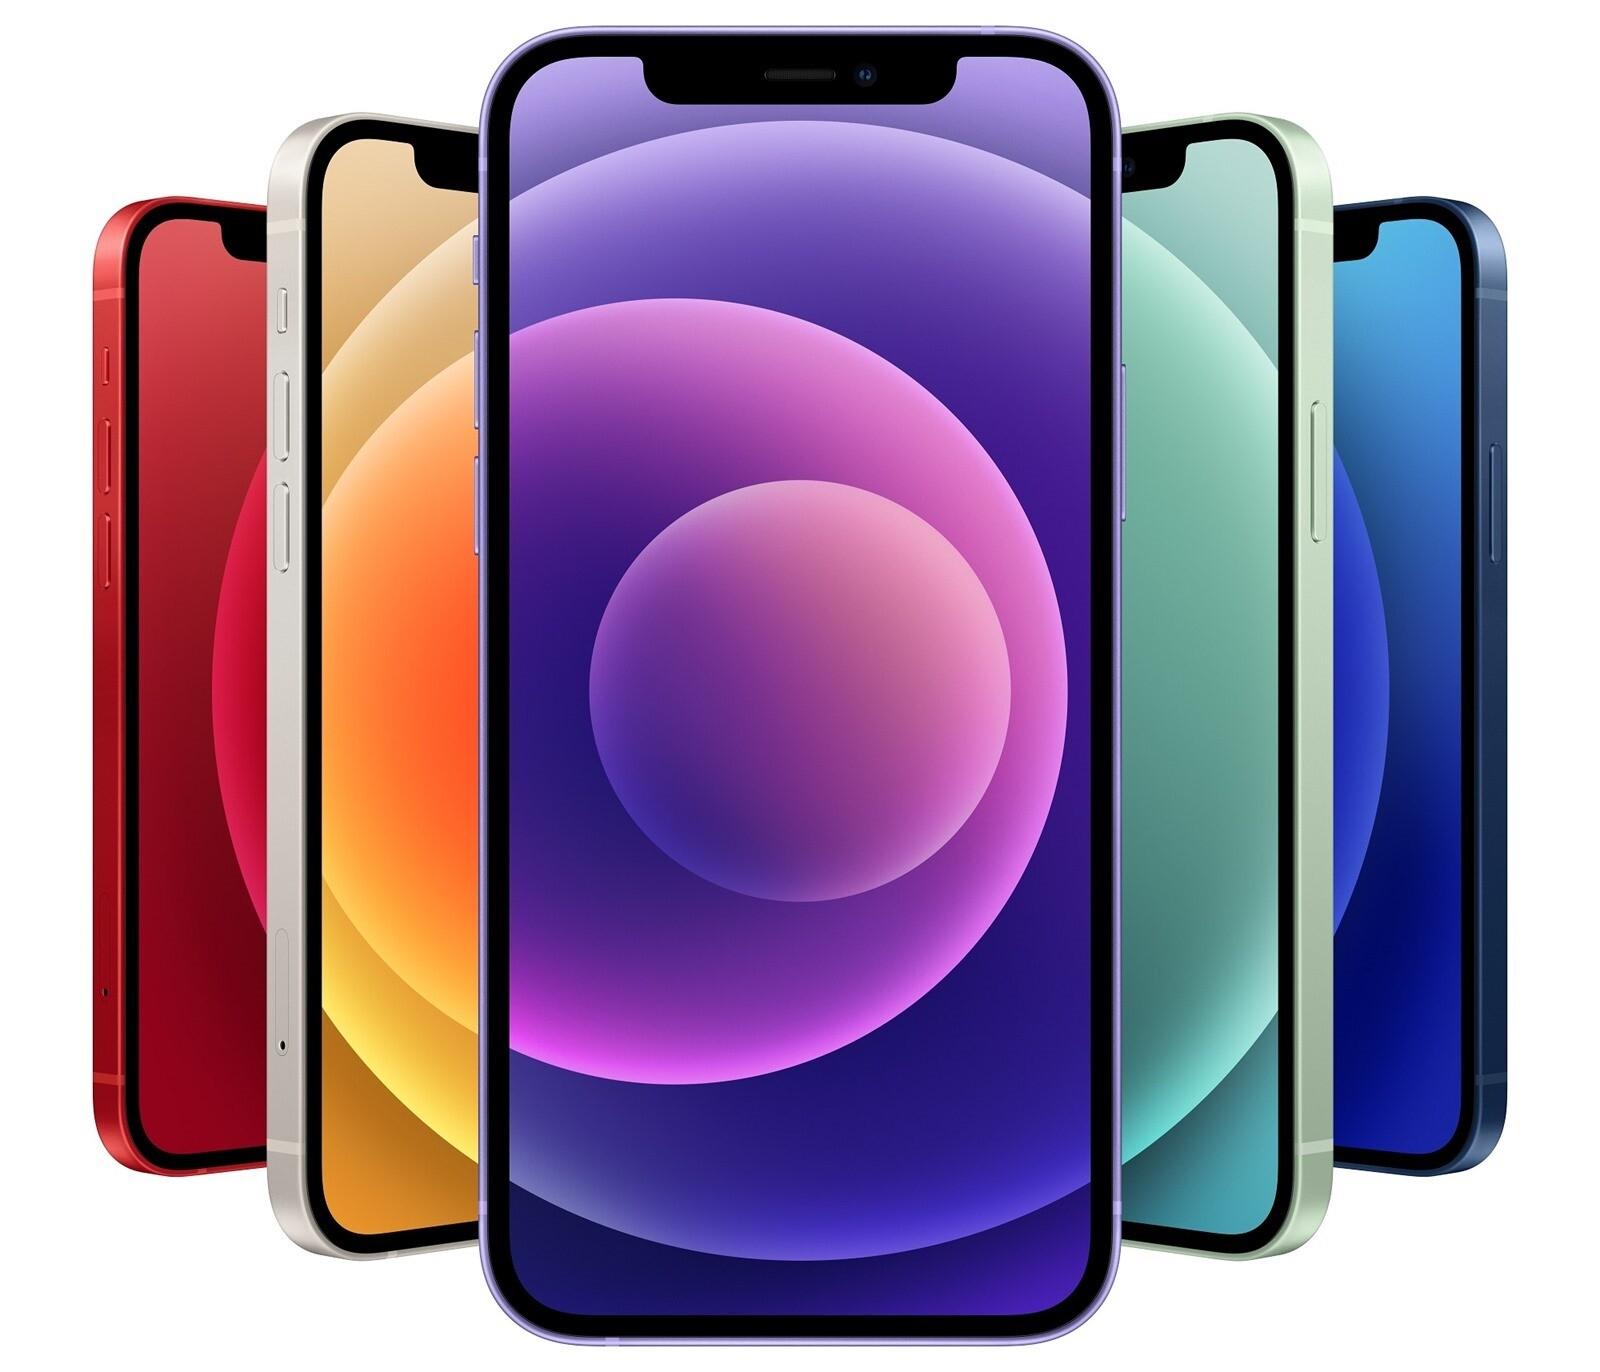 三機連發!PChome 24h 購物強勢開賣 Apple、POCO、realme 新機 @3C 達人廖阿輝